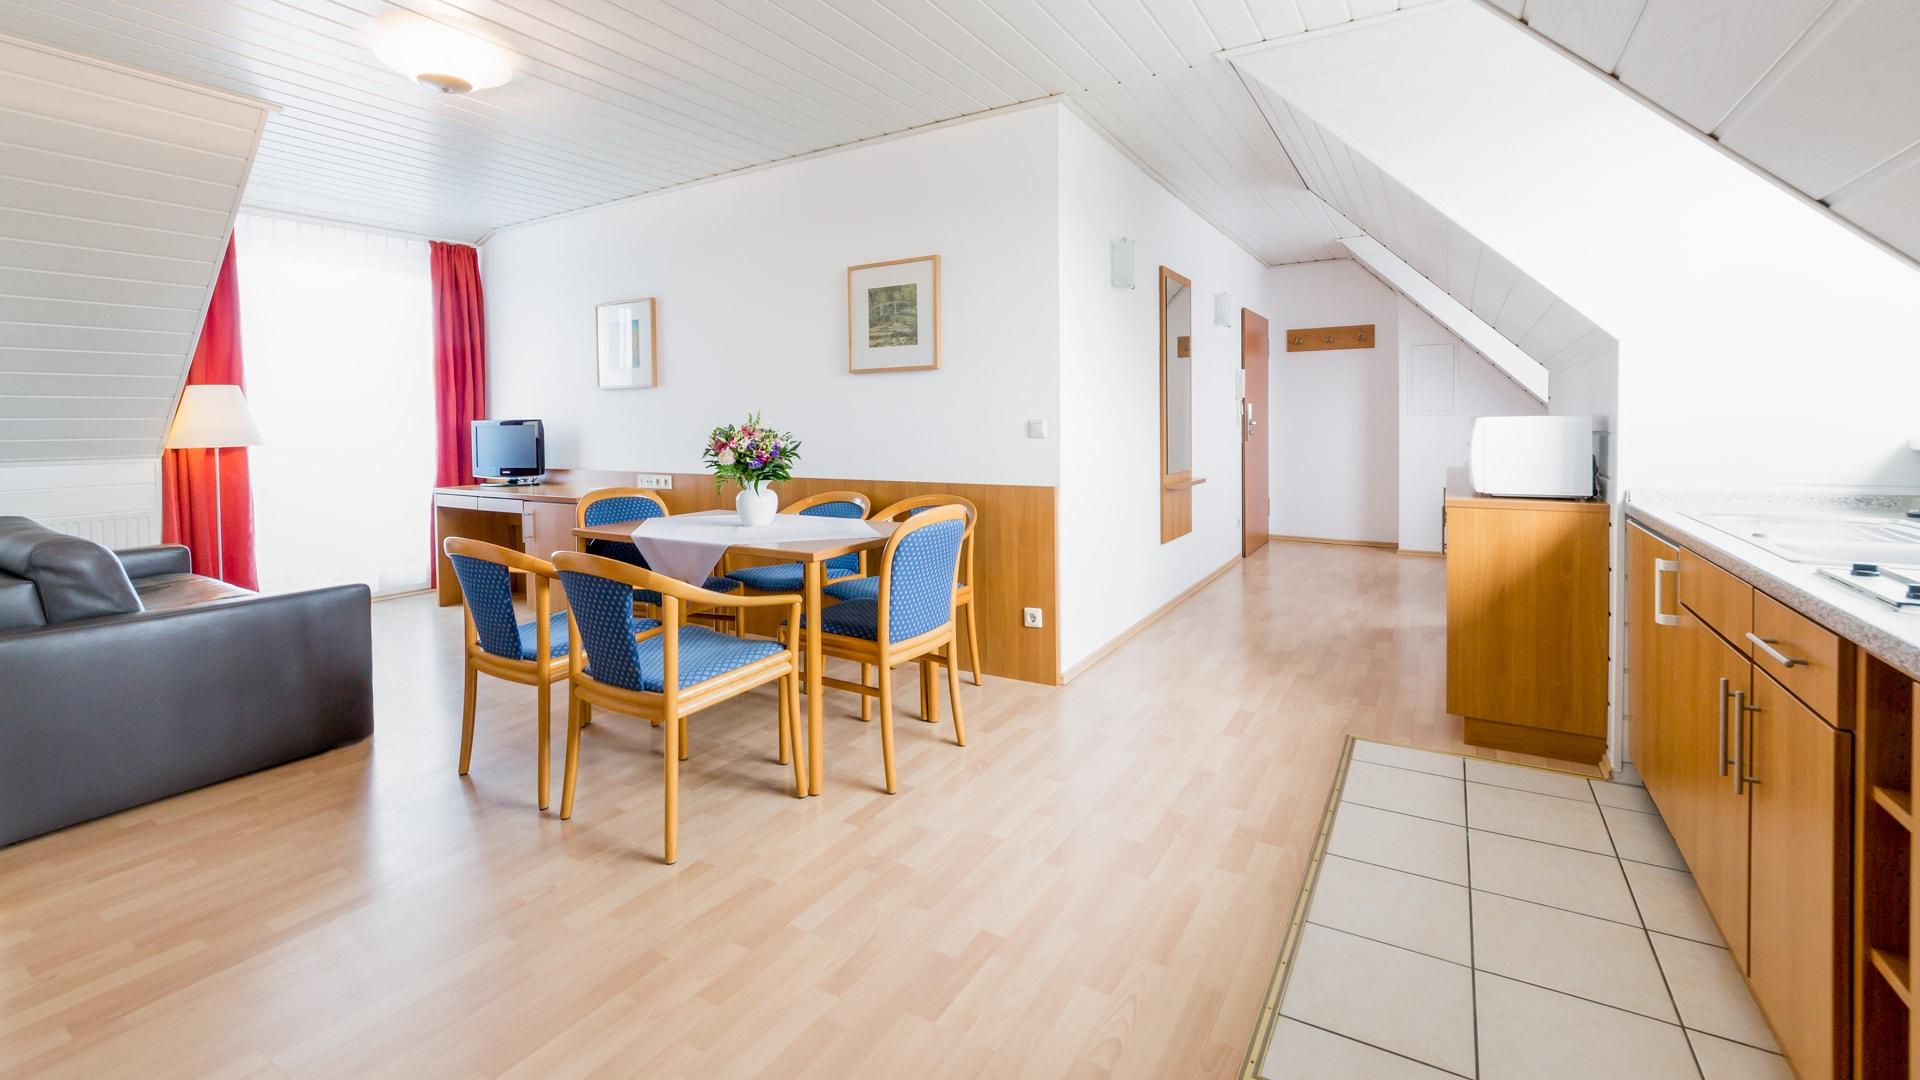 40 Michels_Hotels_Suedwesthoern_2Raum_Ferienwohnung_Wohnbereich_und_offene_Kueche